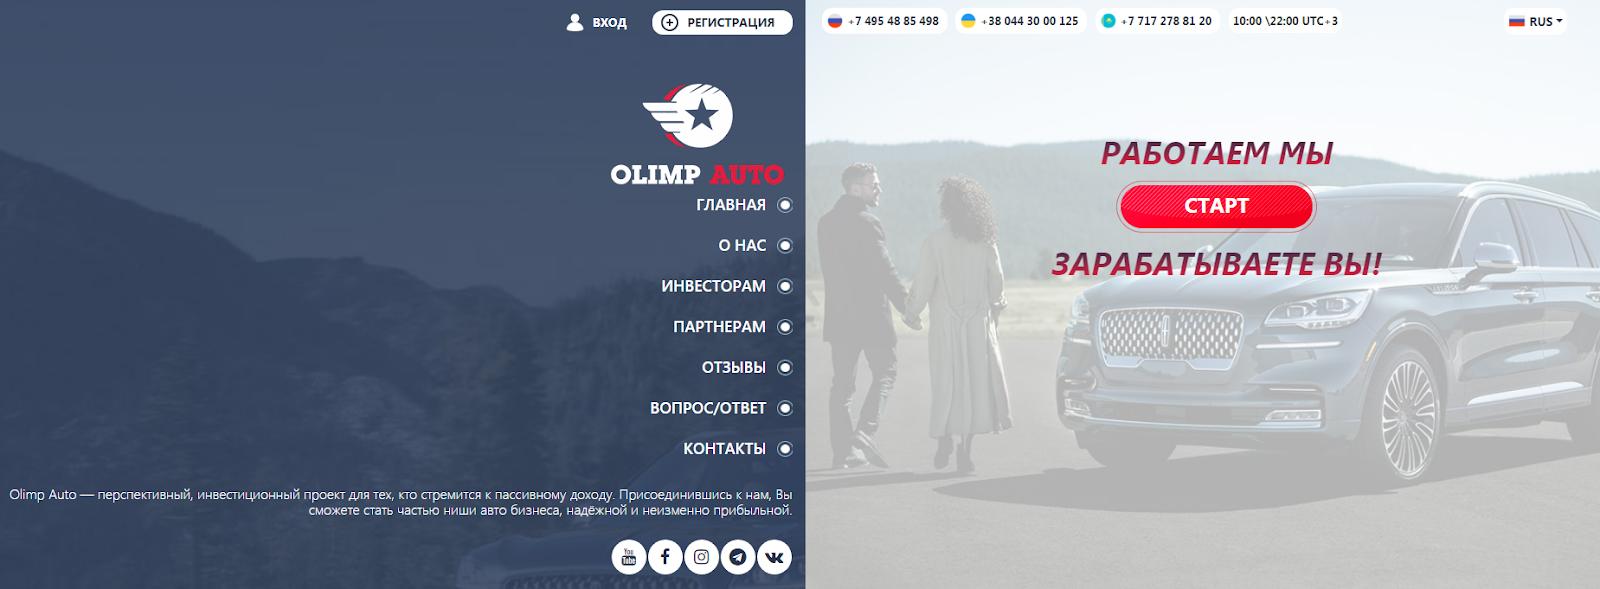 Официальный сайт компании Olimp Auto